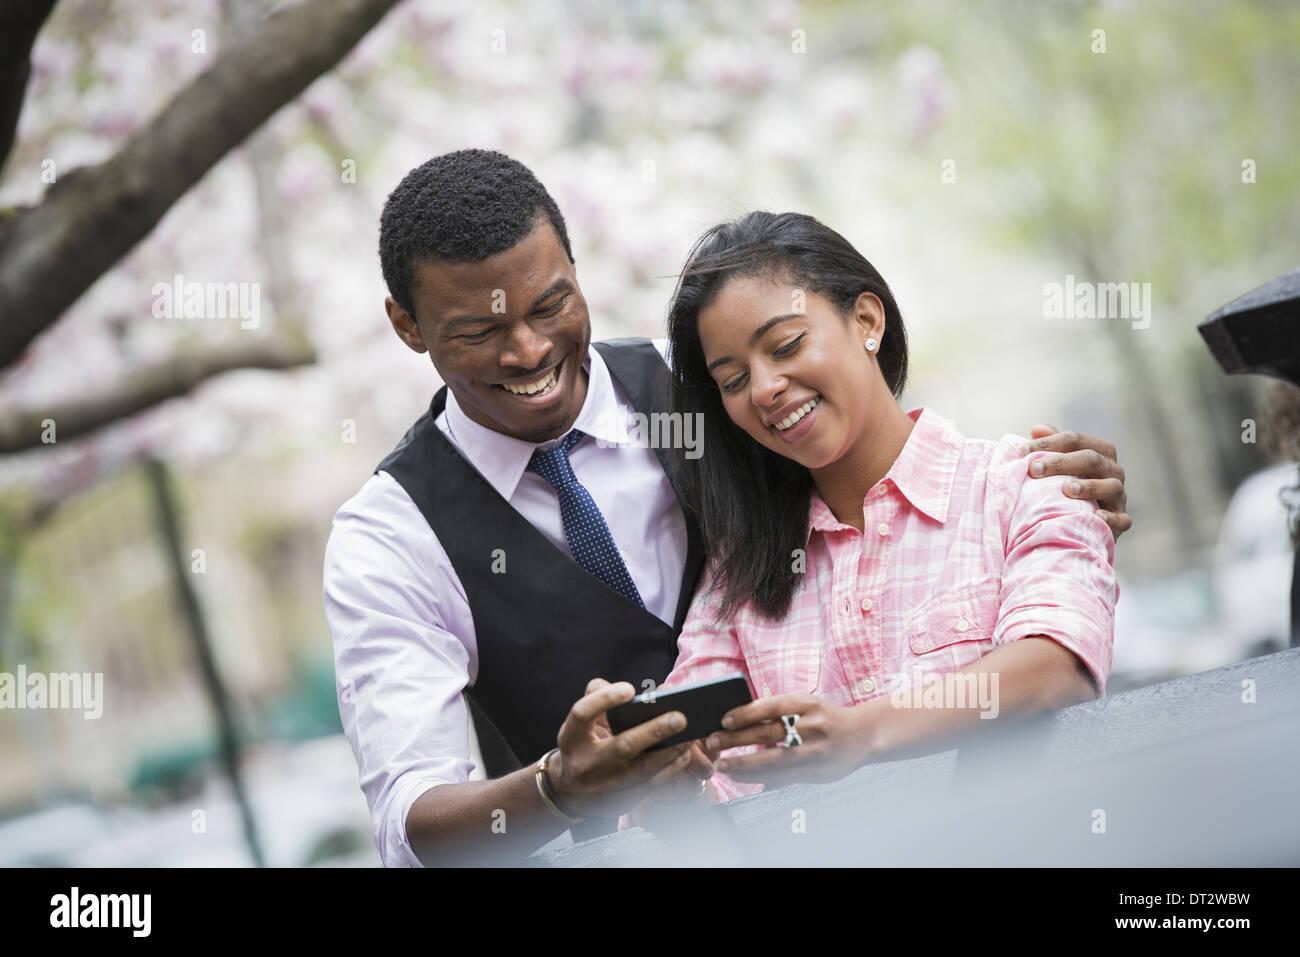 Vistas cityYoung gente un par de lado a lado con su brazo alrededor de sus hombros mirando un teléfono inteligente y sonriente Imagen De Stock